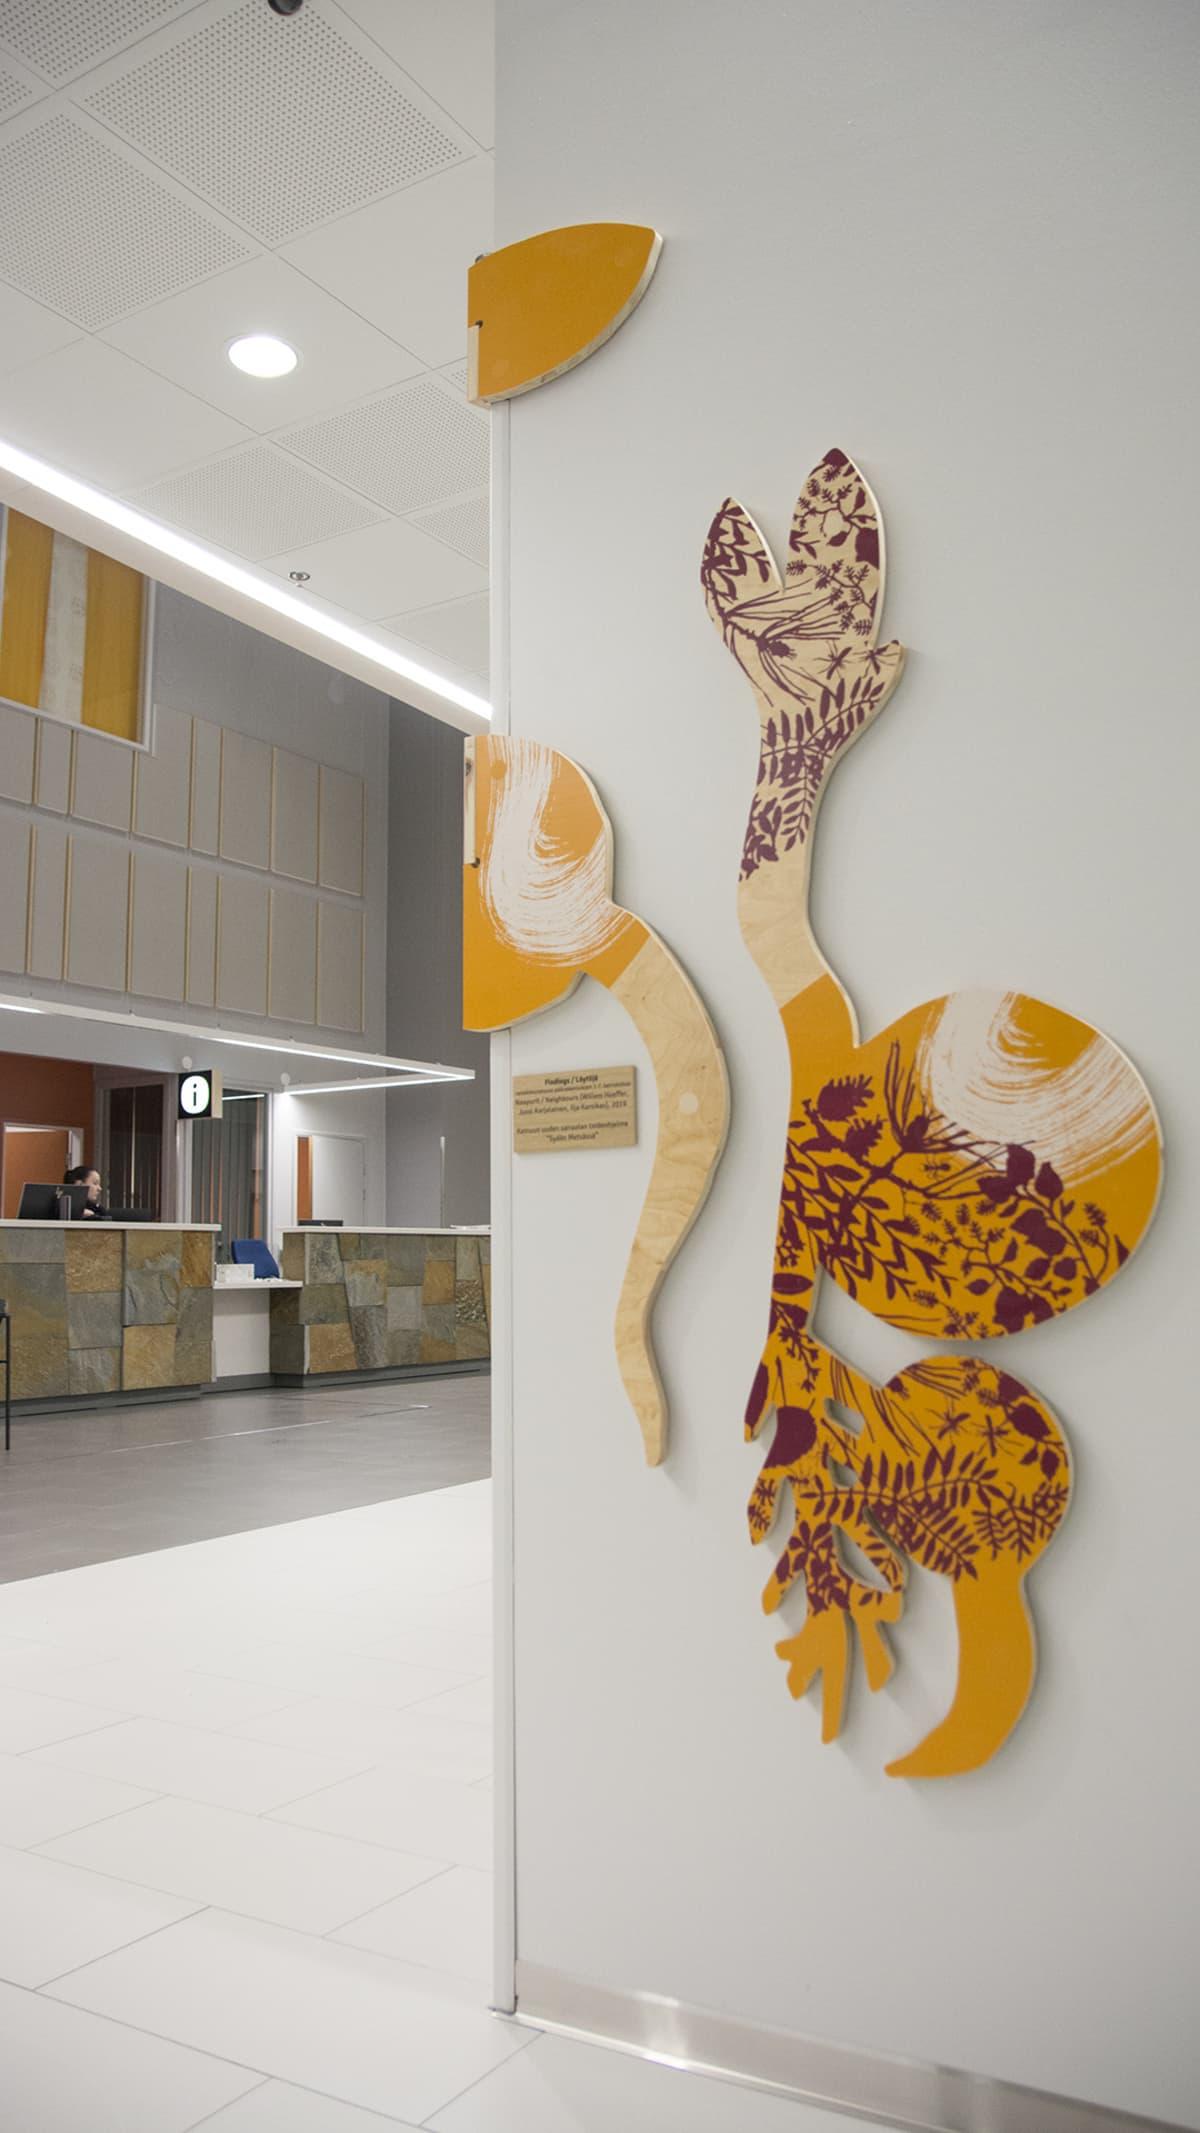 sairaalan aulan taidetta.